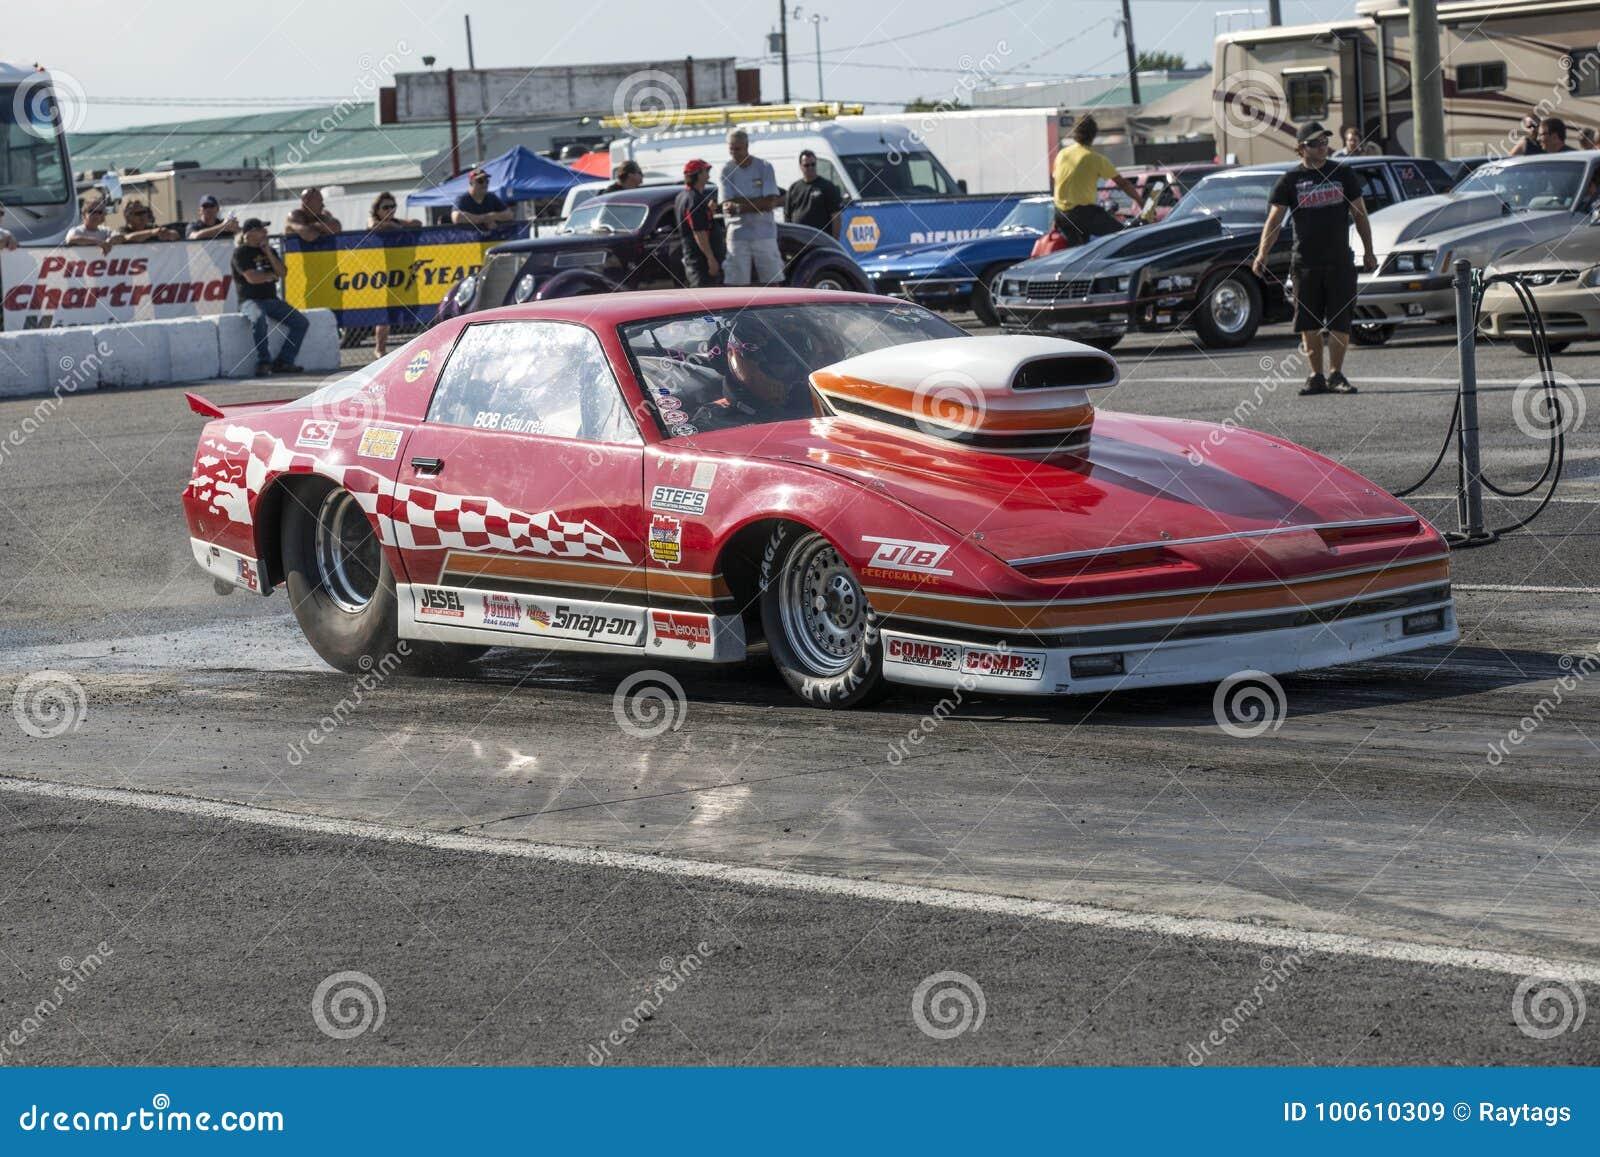 Pontiac Firebird Drag Car Stock Photos - Royalty Free Pictures